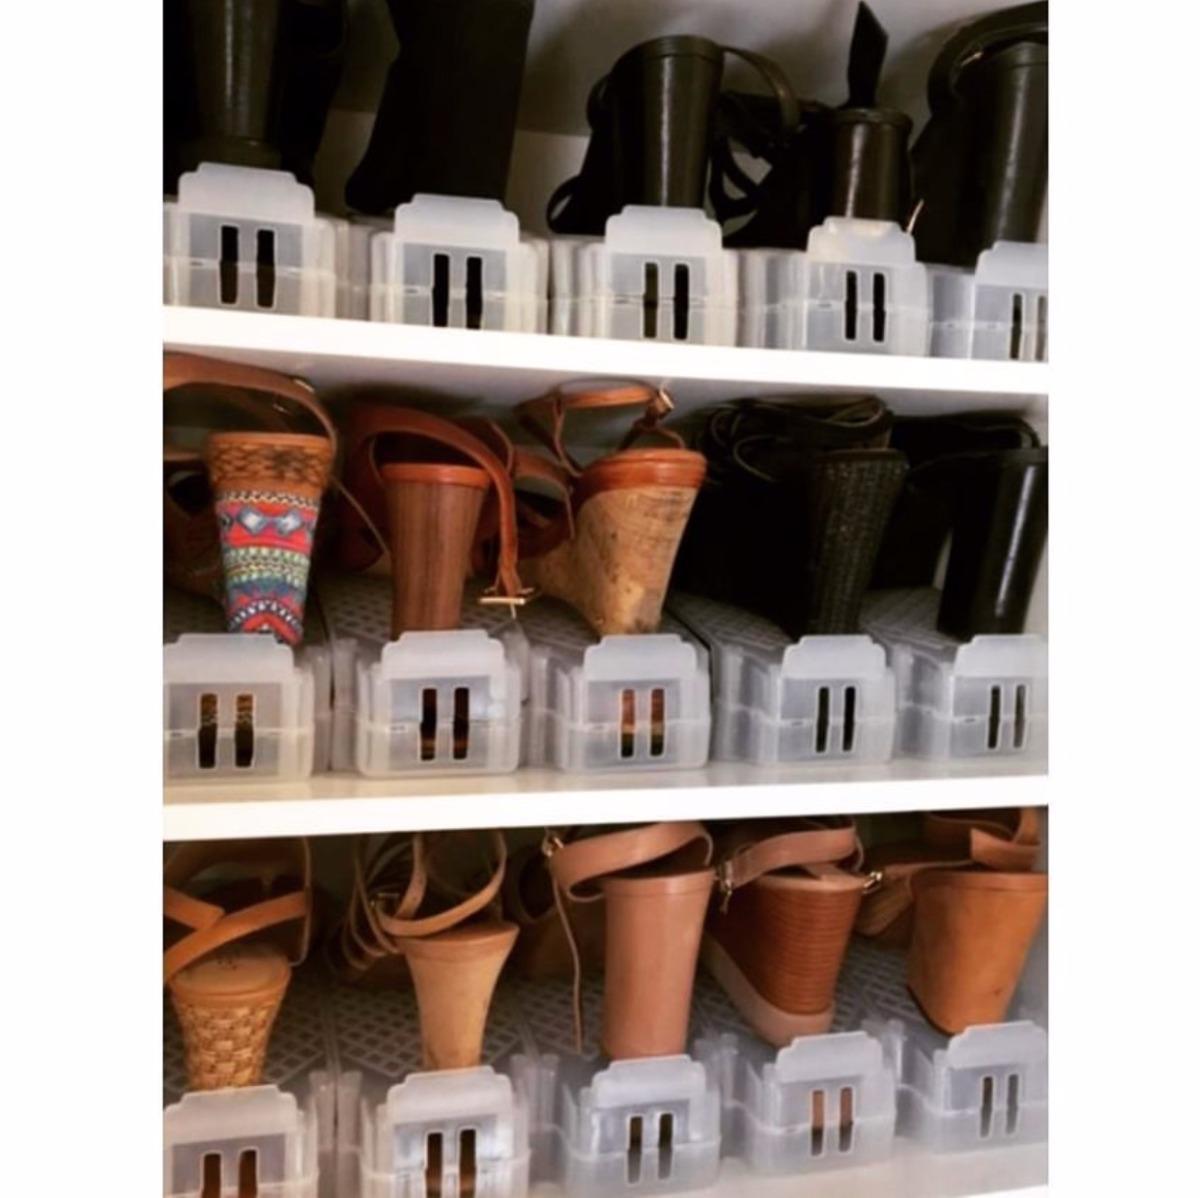 b75cb15c9 Kit Com 10 Organizadores Para Sapatos Transparente - R$ 199,00 em ...